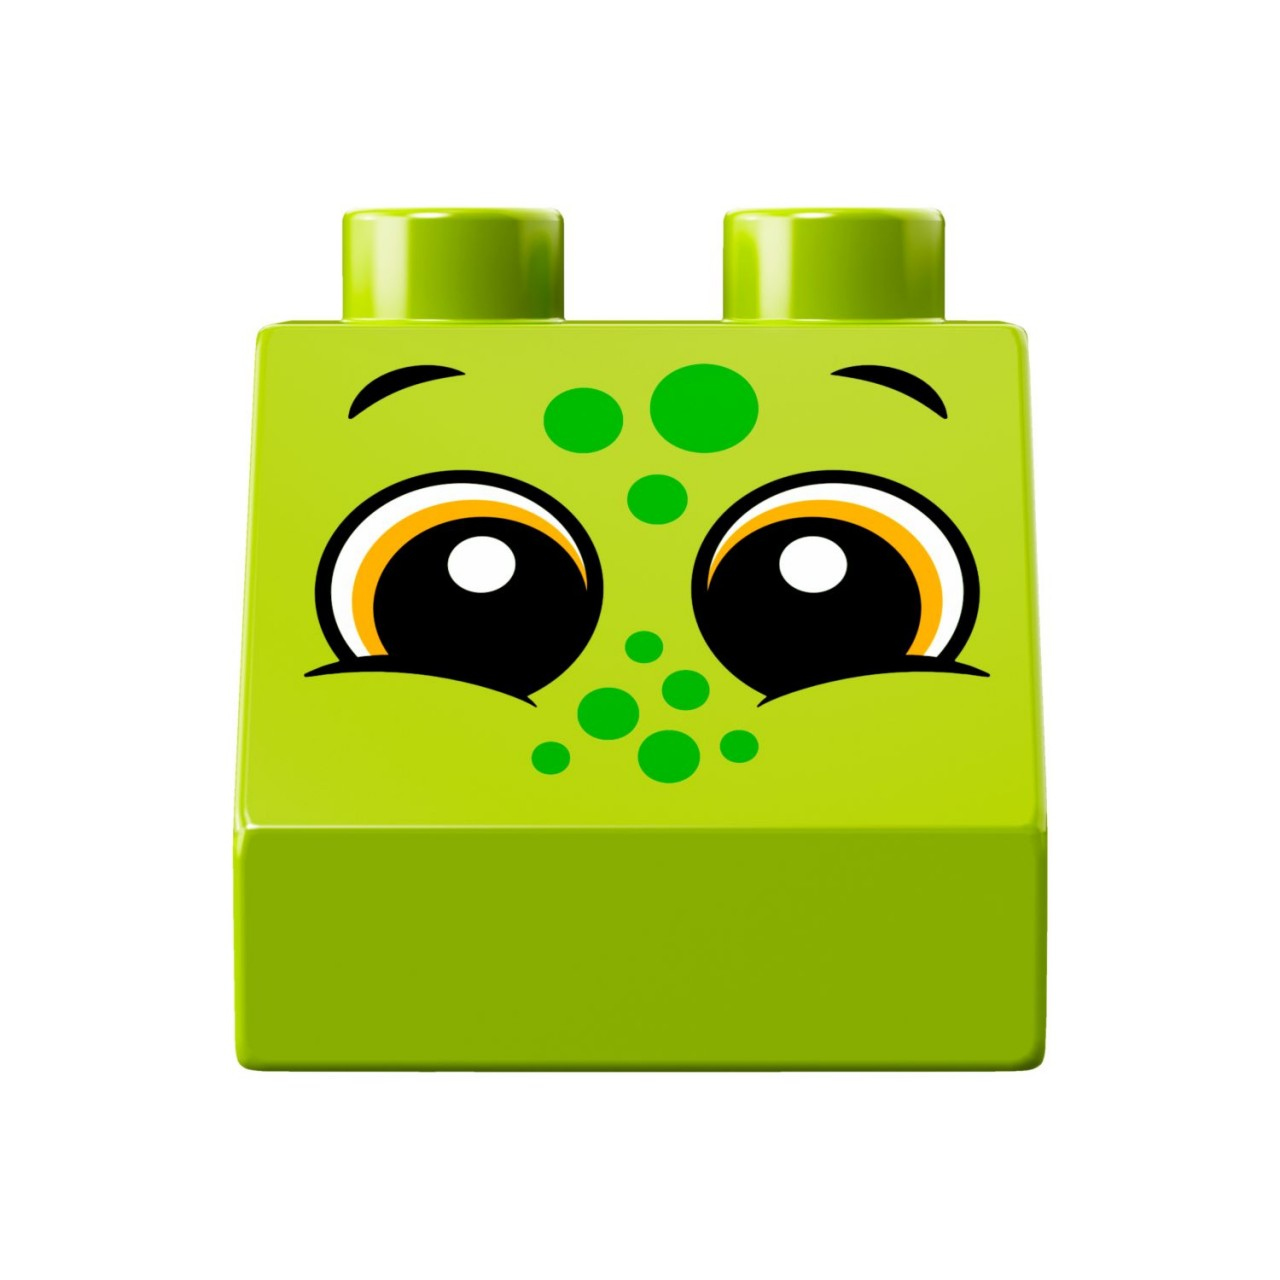 LEGO DUPLO 10863 Meine erste Steinebox mit Ziehtieren